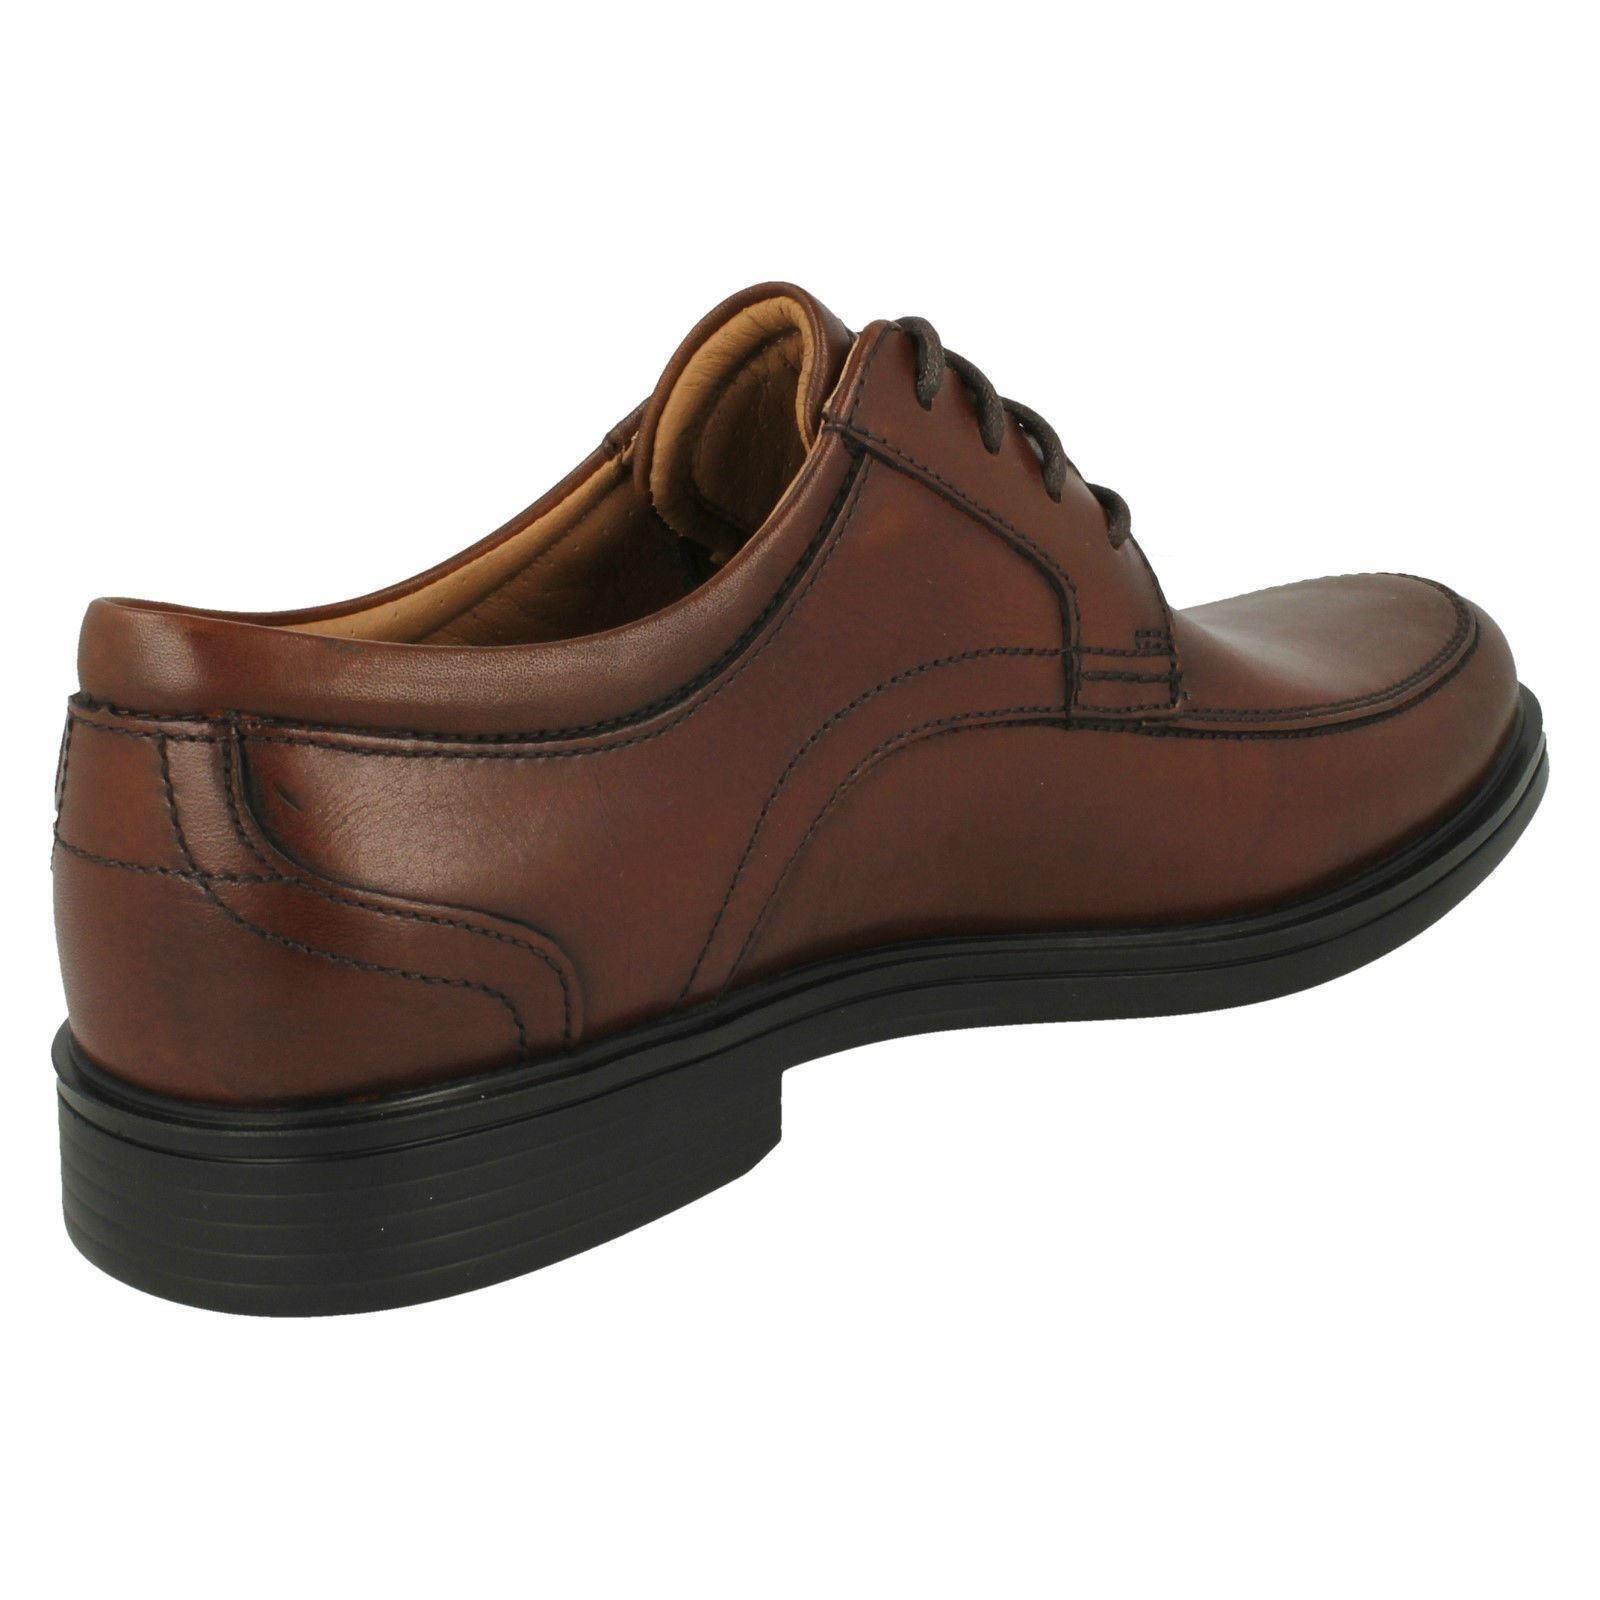 06e7b5aee6d Mens Clarks Smart Lace Up Shoes Un Aldric Park